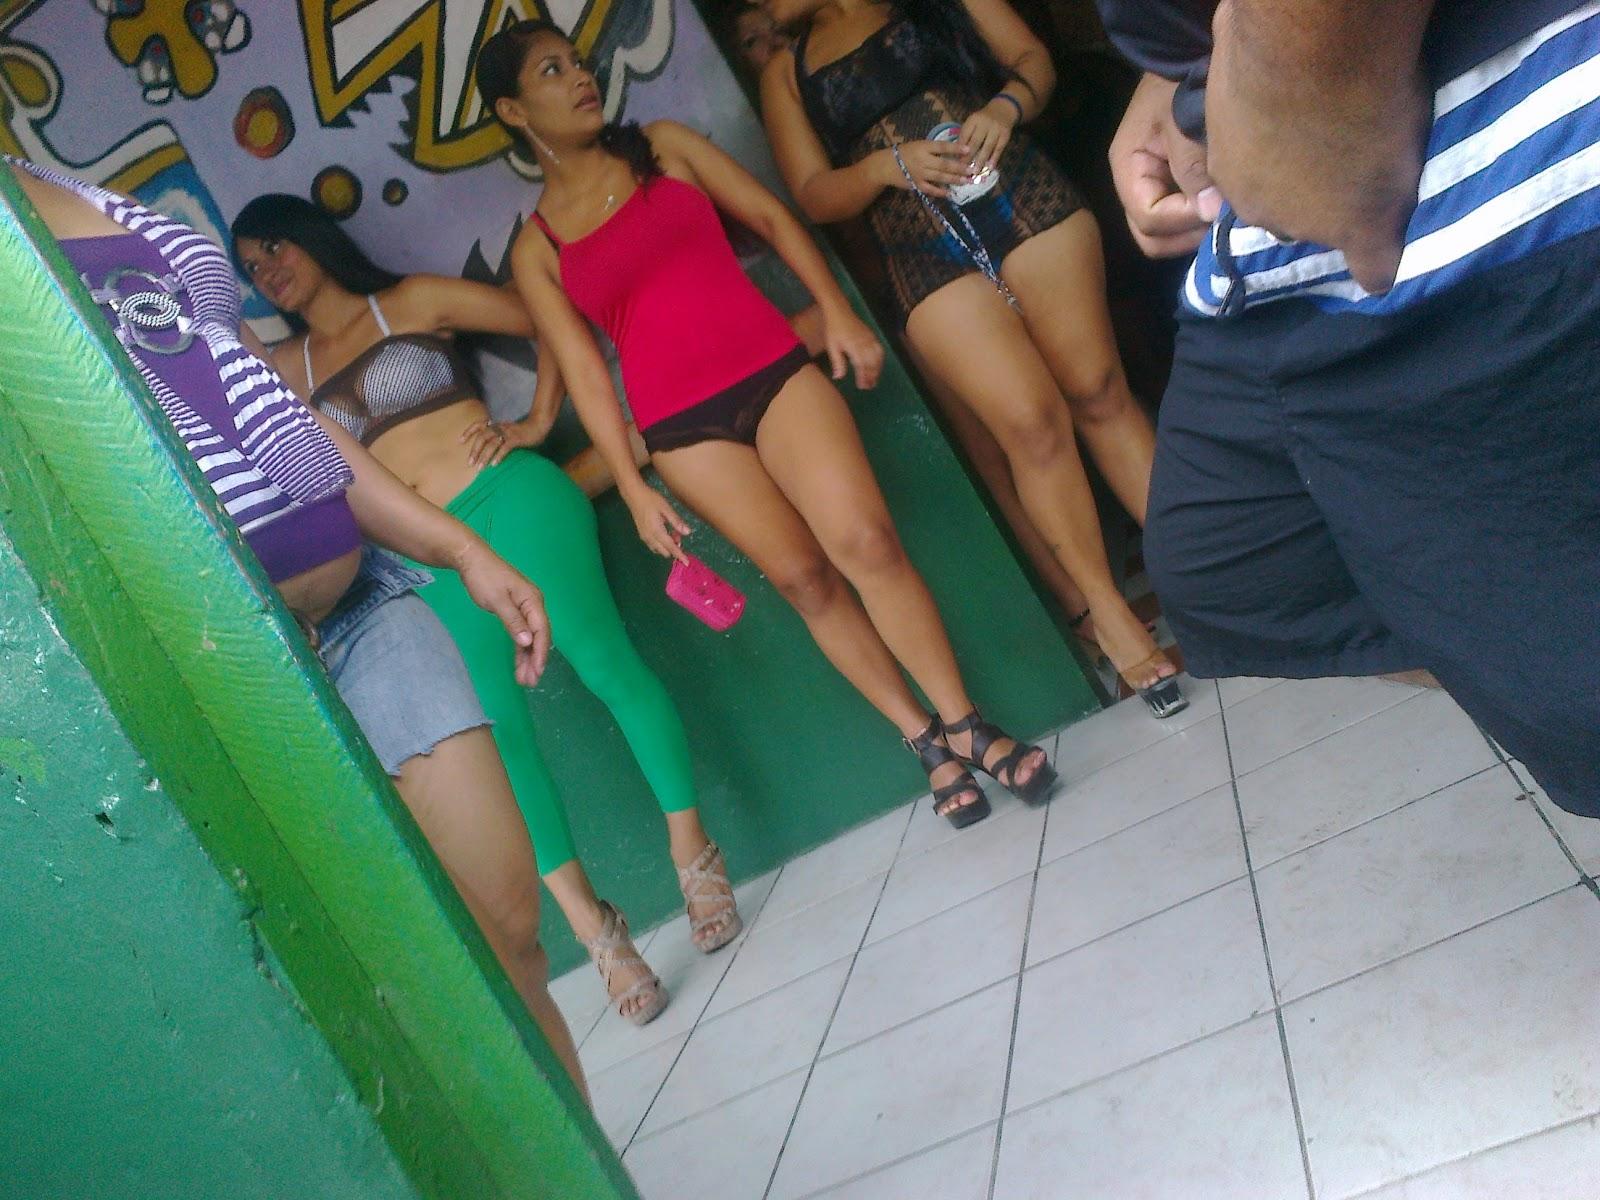 prostitutas en atocha sida prostitutas